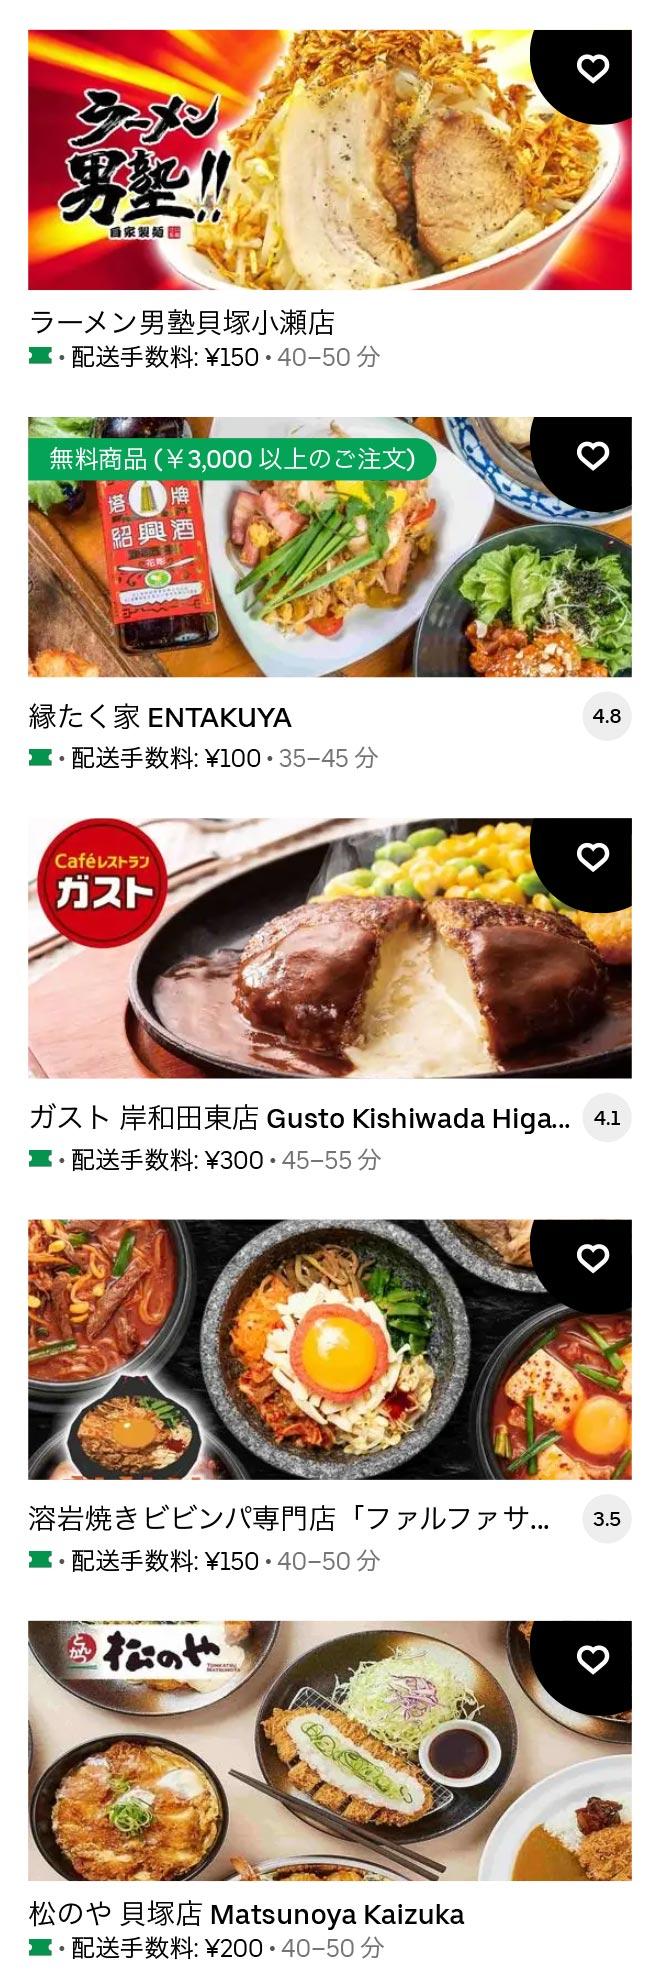 U kishiwada 2105 03